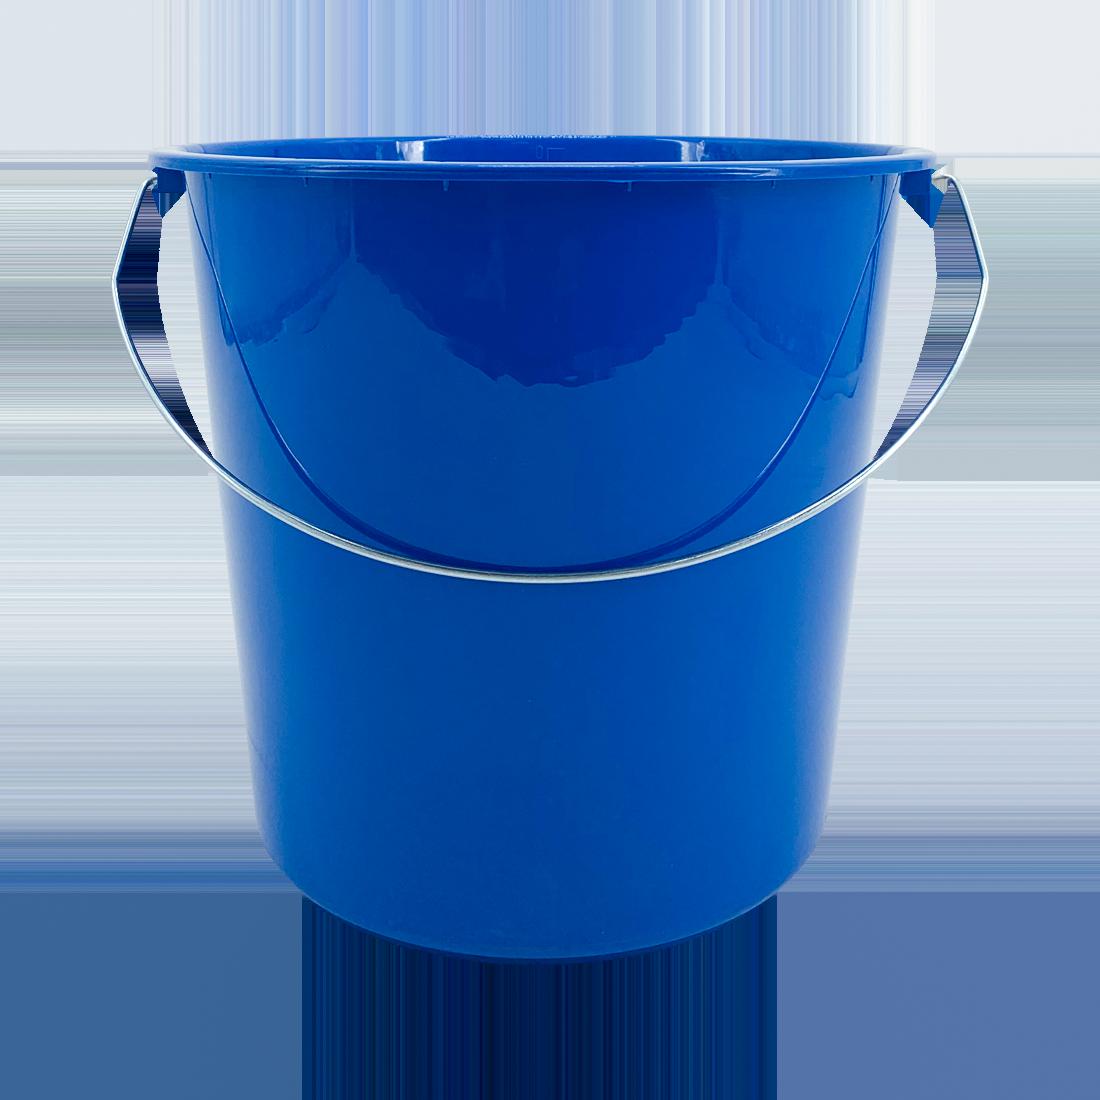 Eimer mit Metallbügel, Kunstoff, blau, 10 Liter